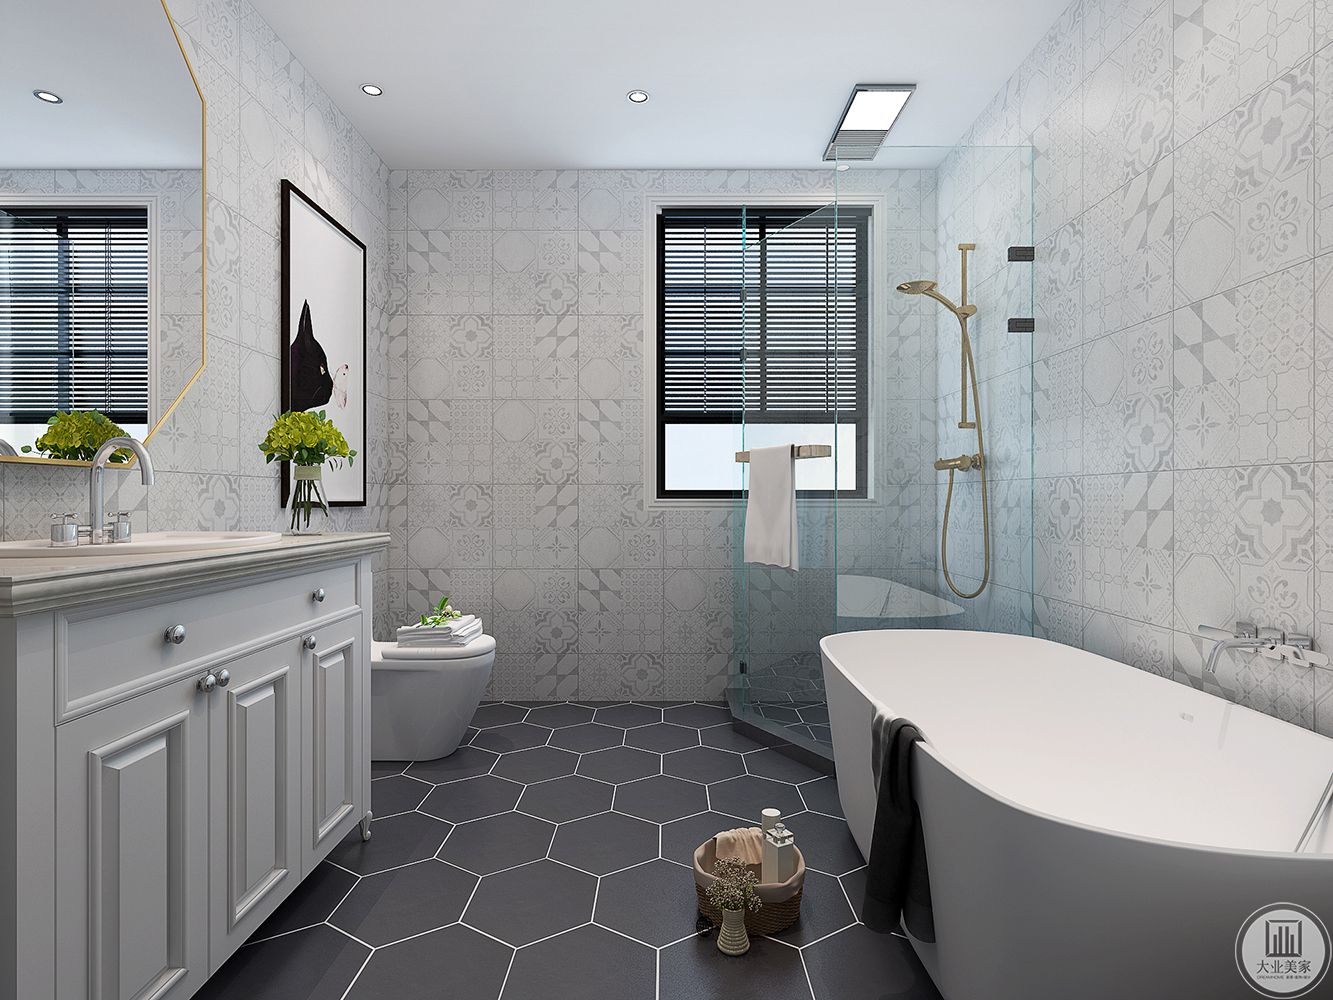 主卫菱形的的灰色地砖,个性大气,生活在于享受美好,一个浴缸,每晚泡个美美的泡泡浴,舒缓精神,白色的空间清爽有质感,可见主人的用心与品味。